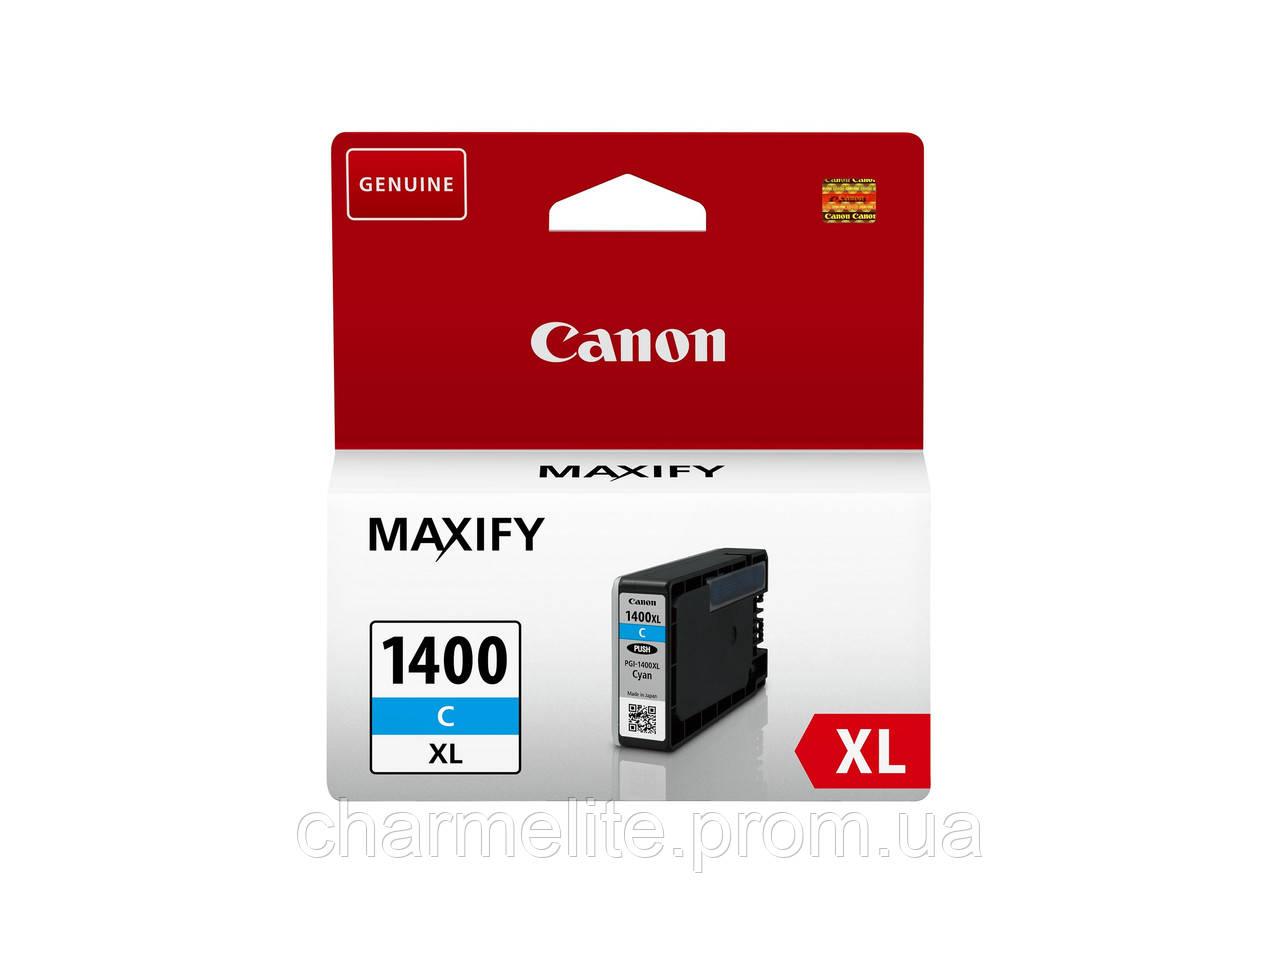 Картридж Canon PGI-1400 XL MB2040/MB2340 Cyan